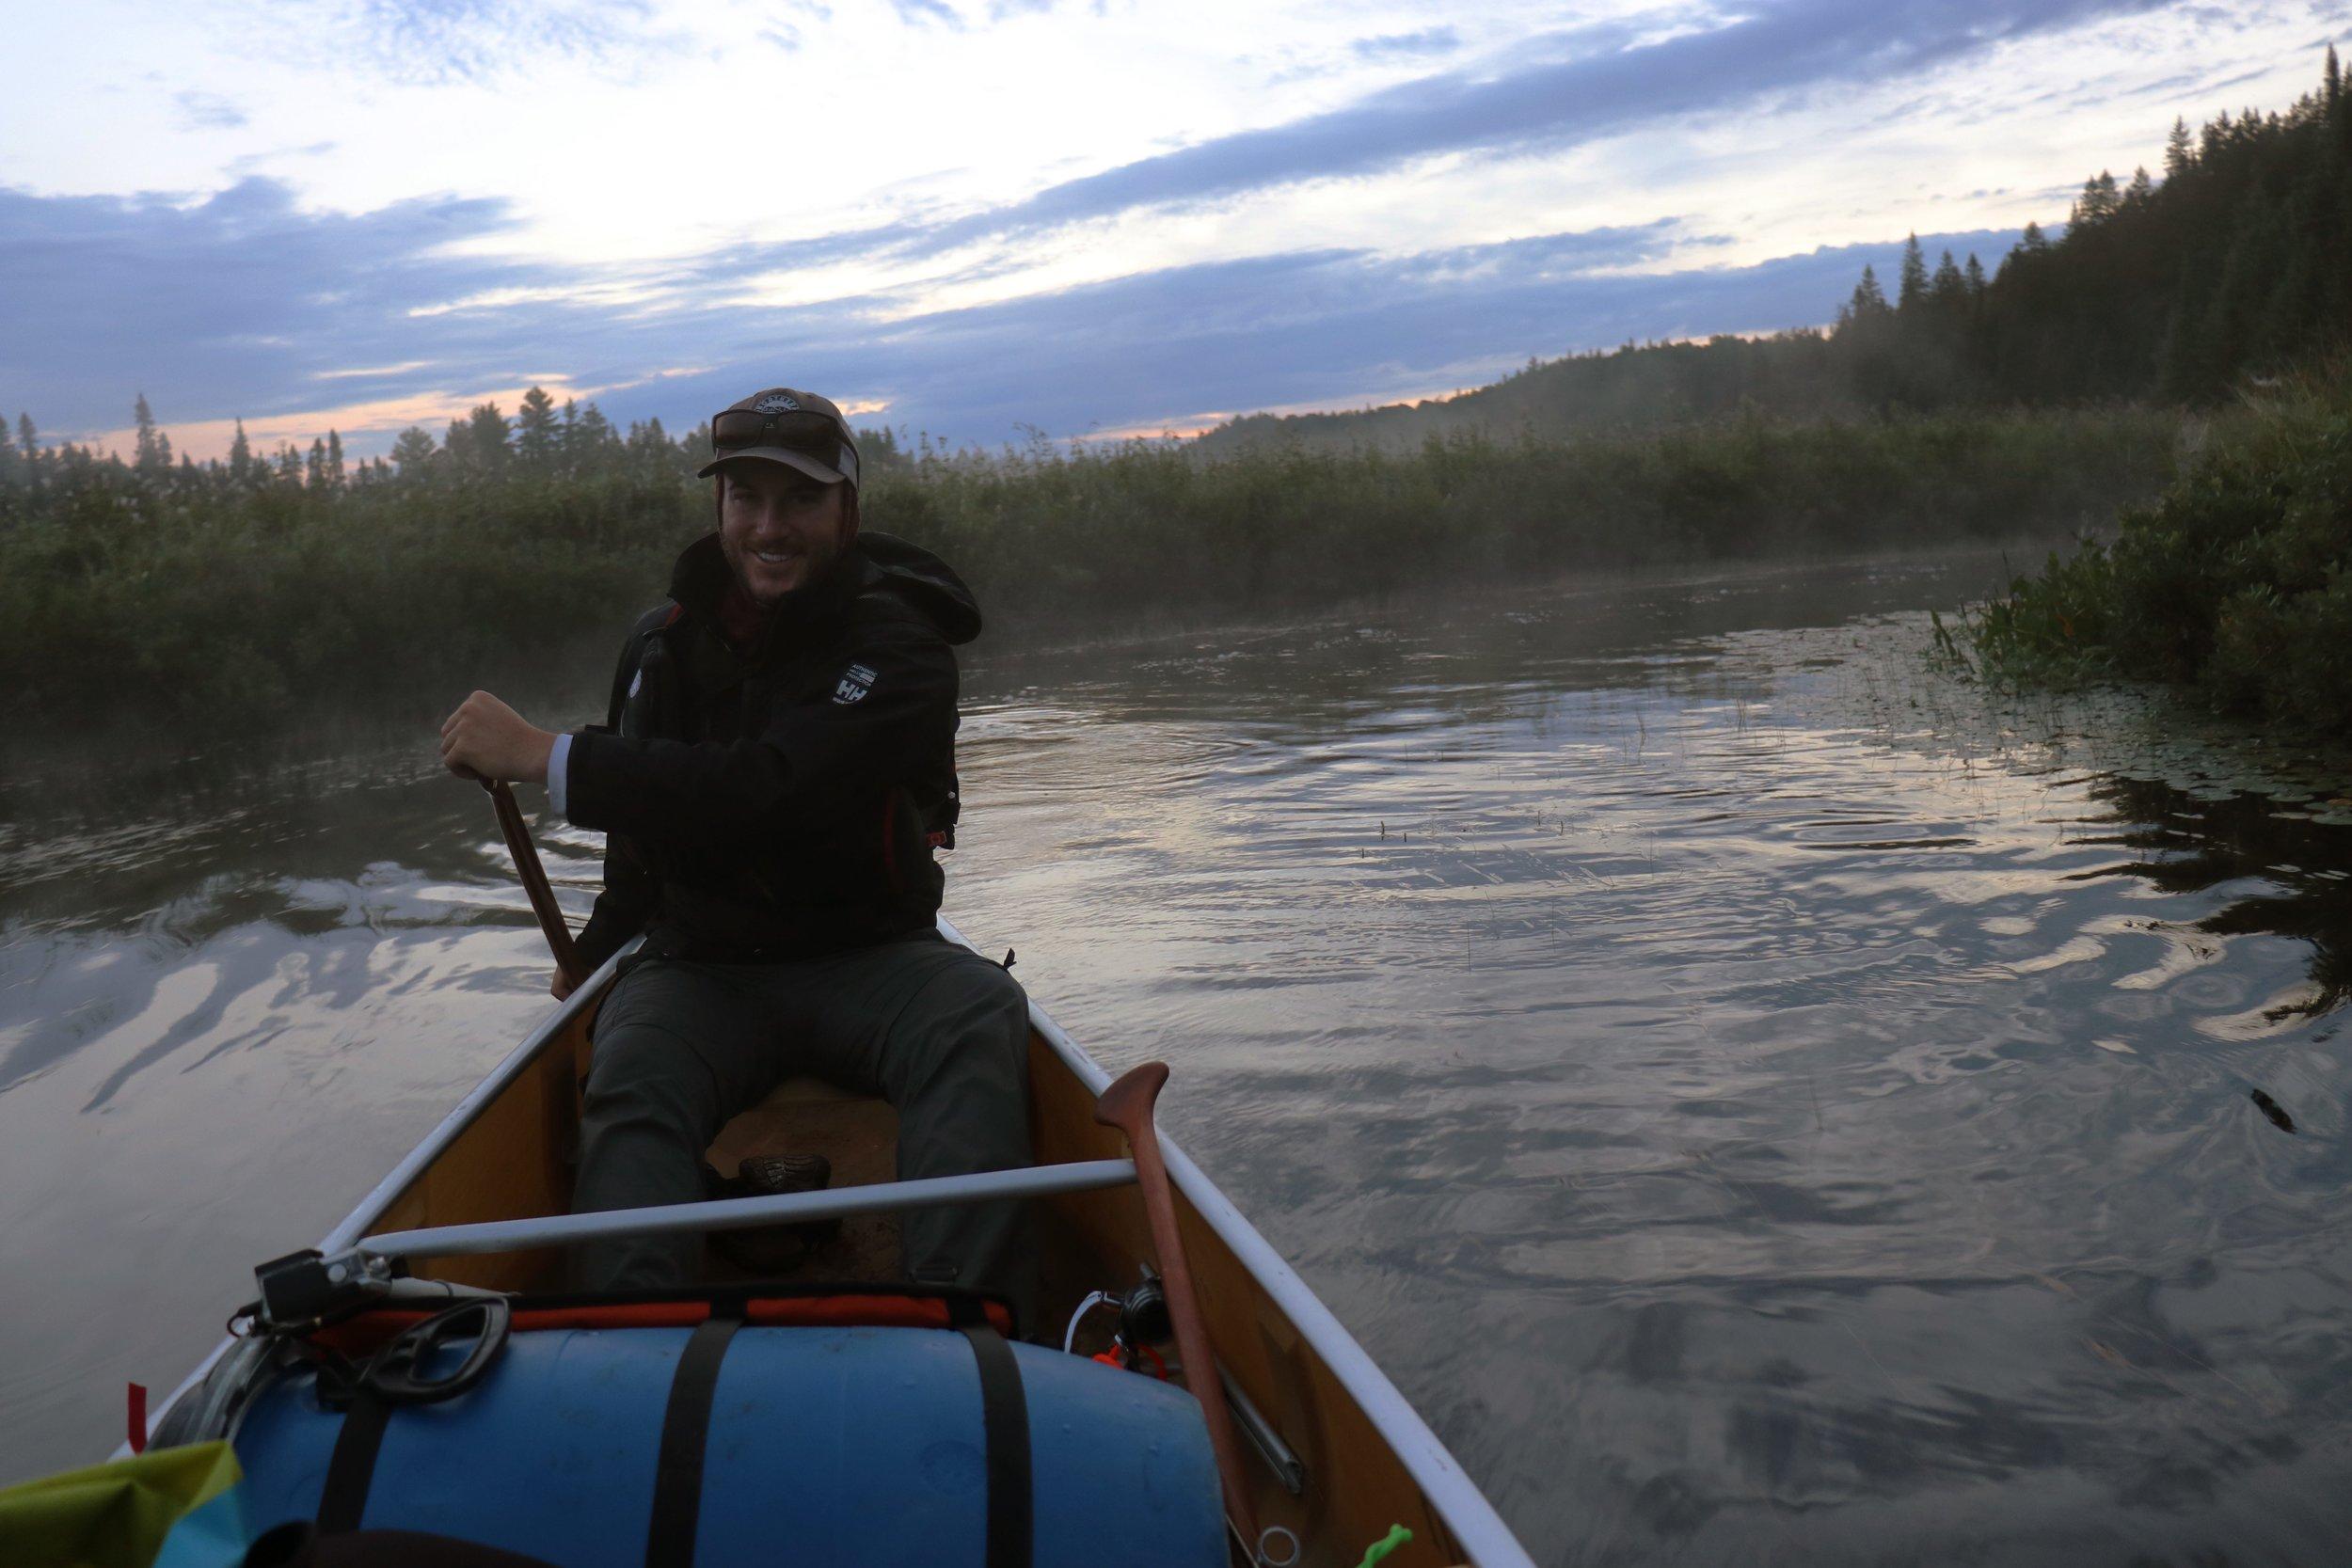 Early morning paddle on the Madawaska River